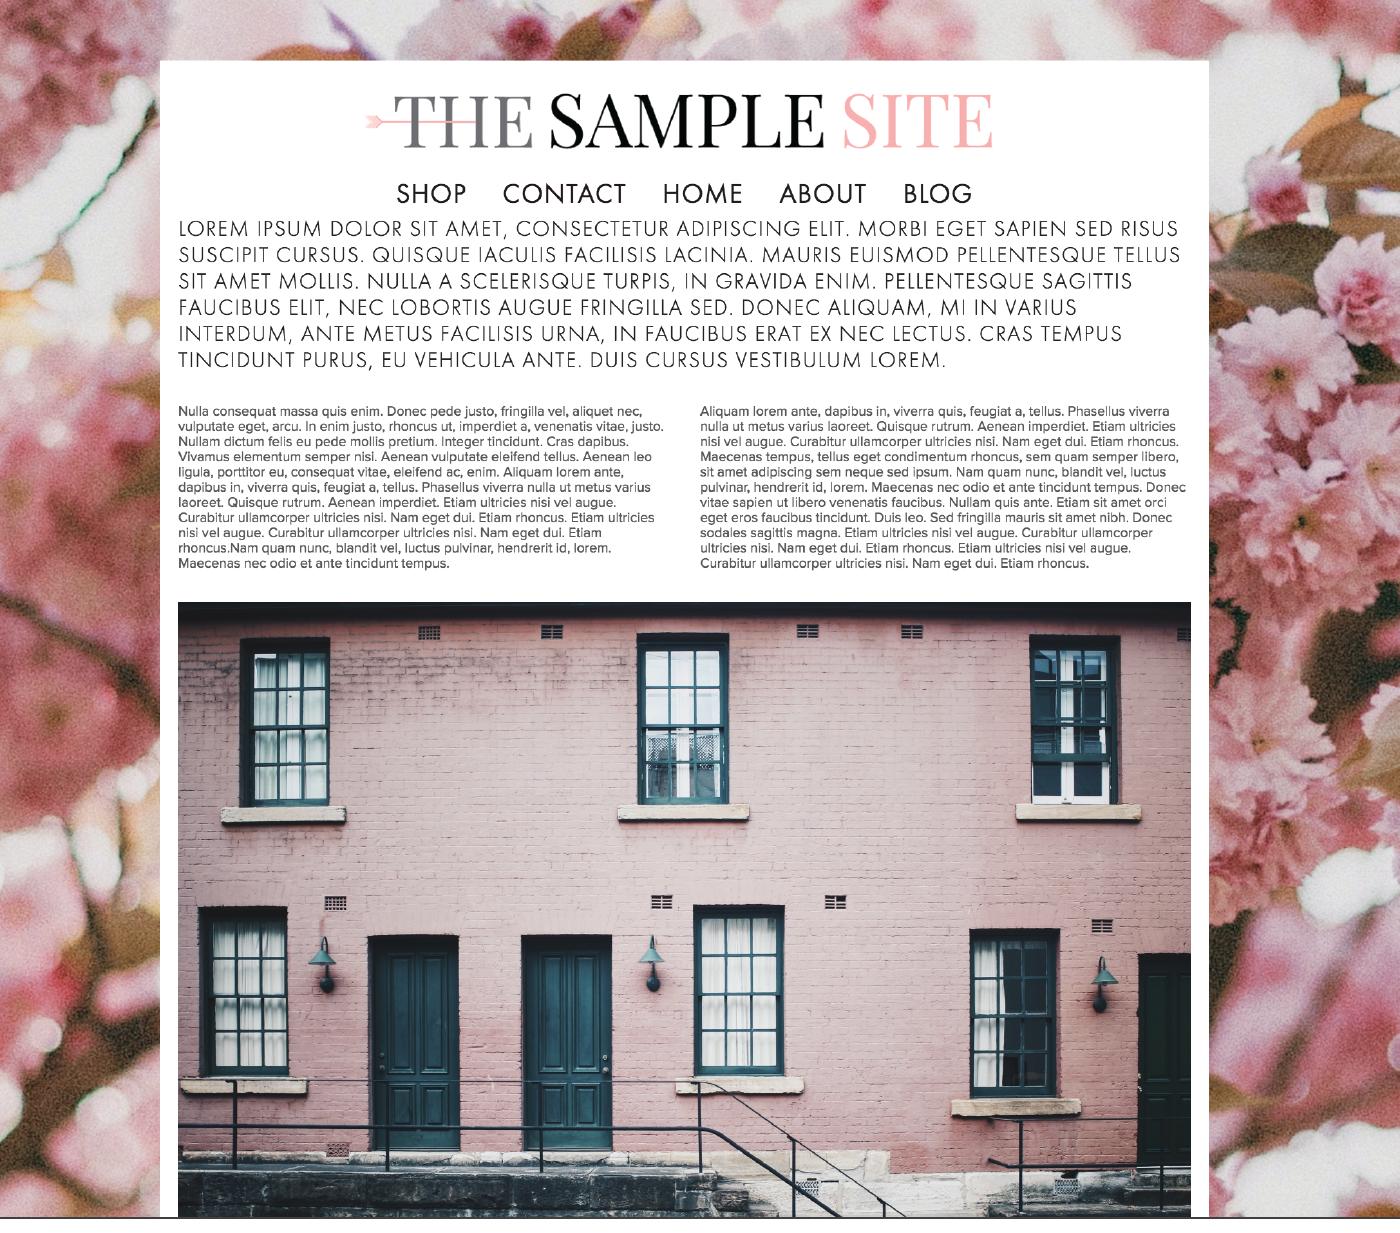 Images via Unsplash: Pink Building     Pink Florals